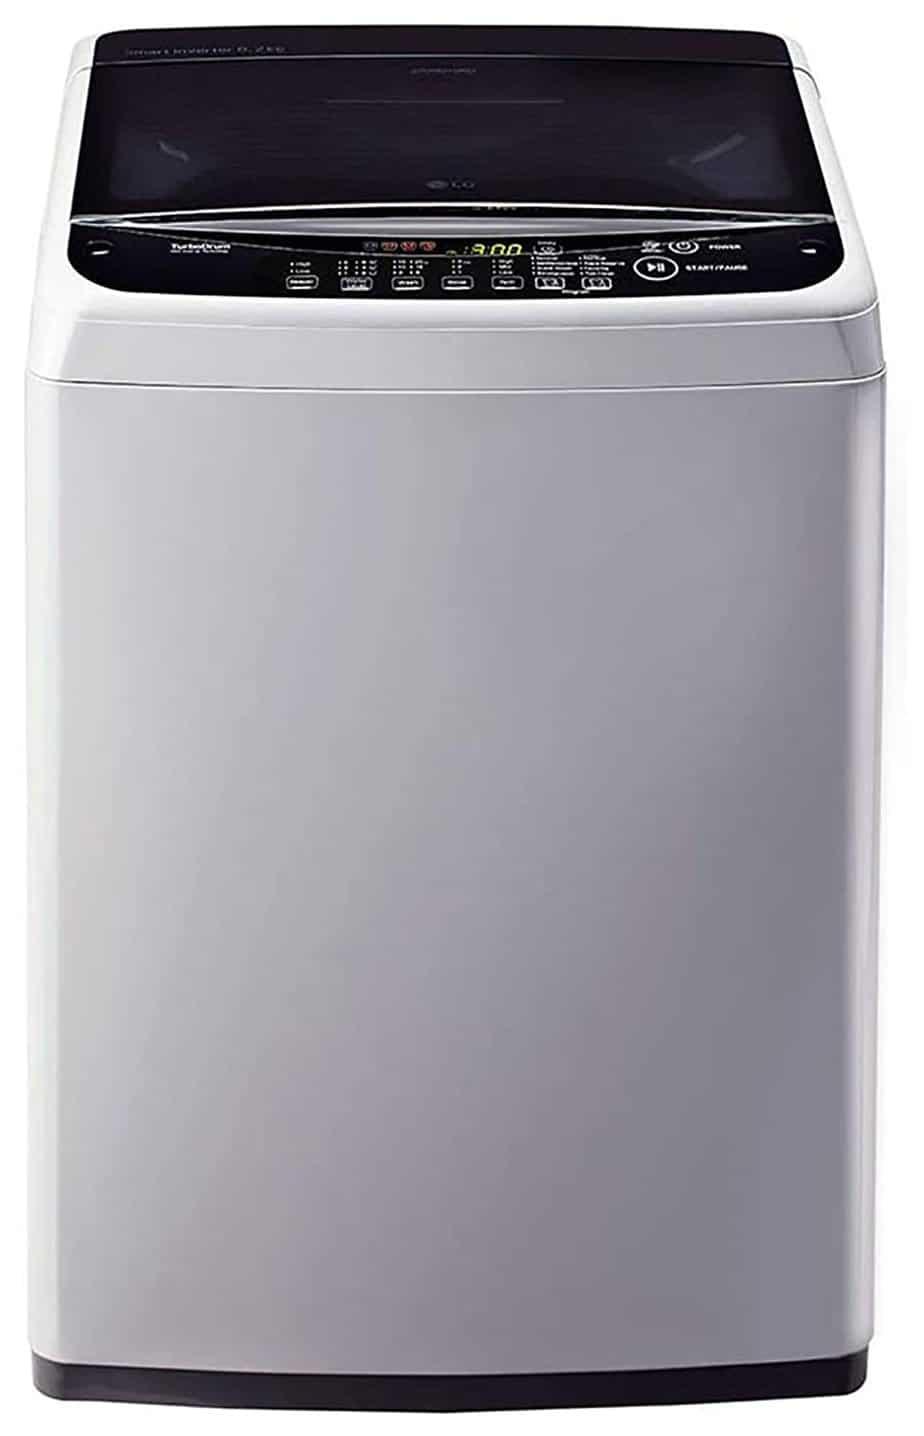 LG 6.5kg Top Loading Washing Machine